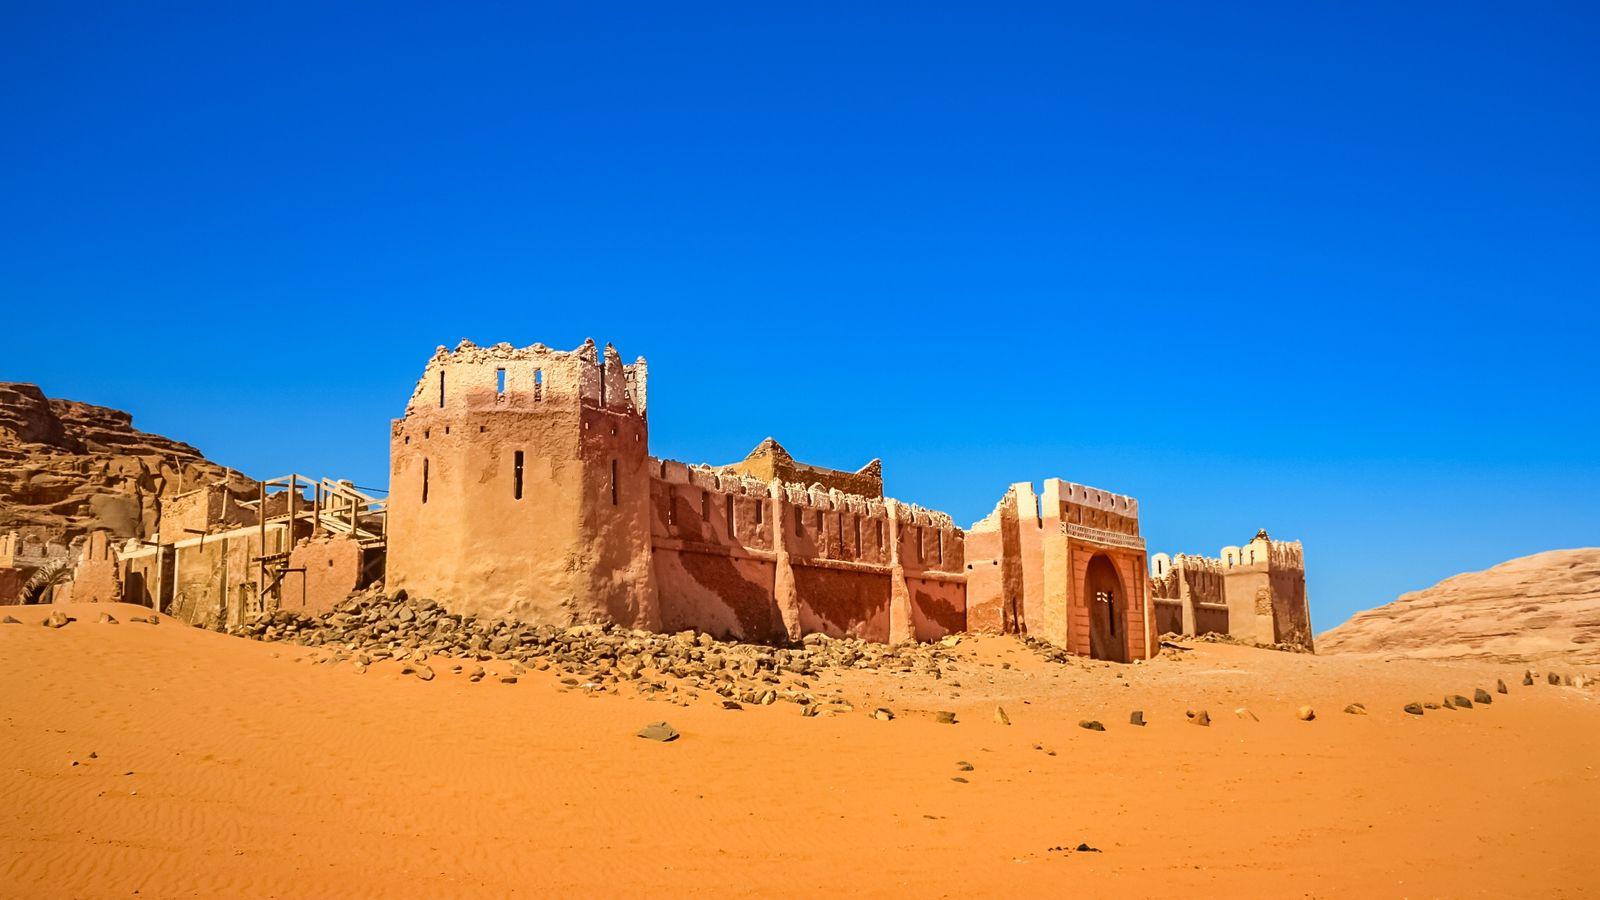 Wadi Rum, Jordanie - Château construit pour le film Lawrence d'Arabie, daté de 1962, dans le ...